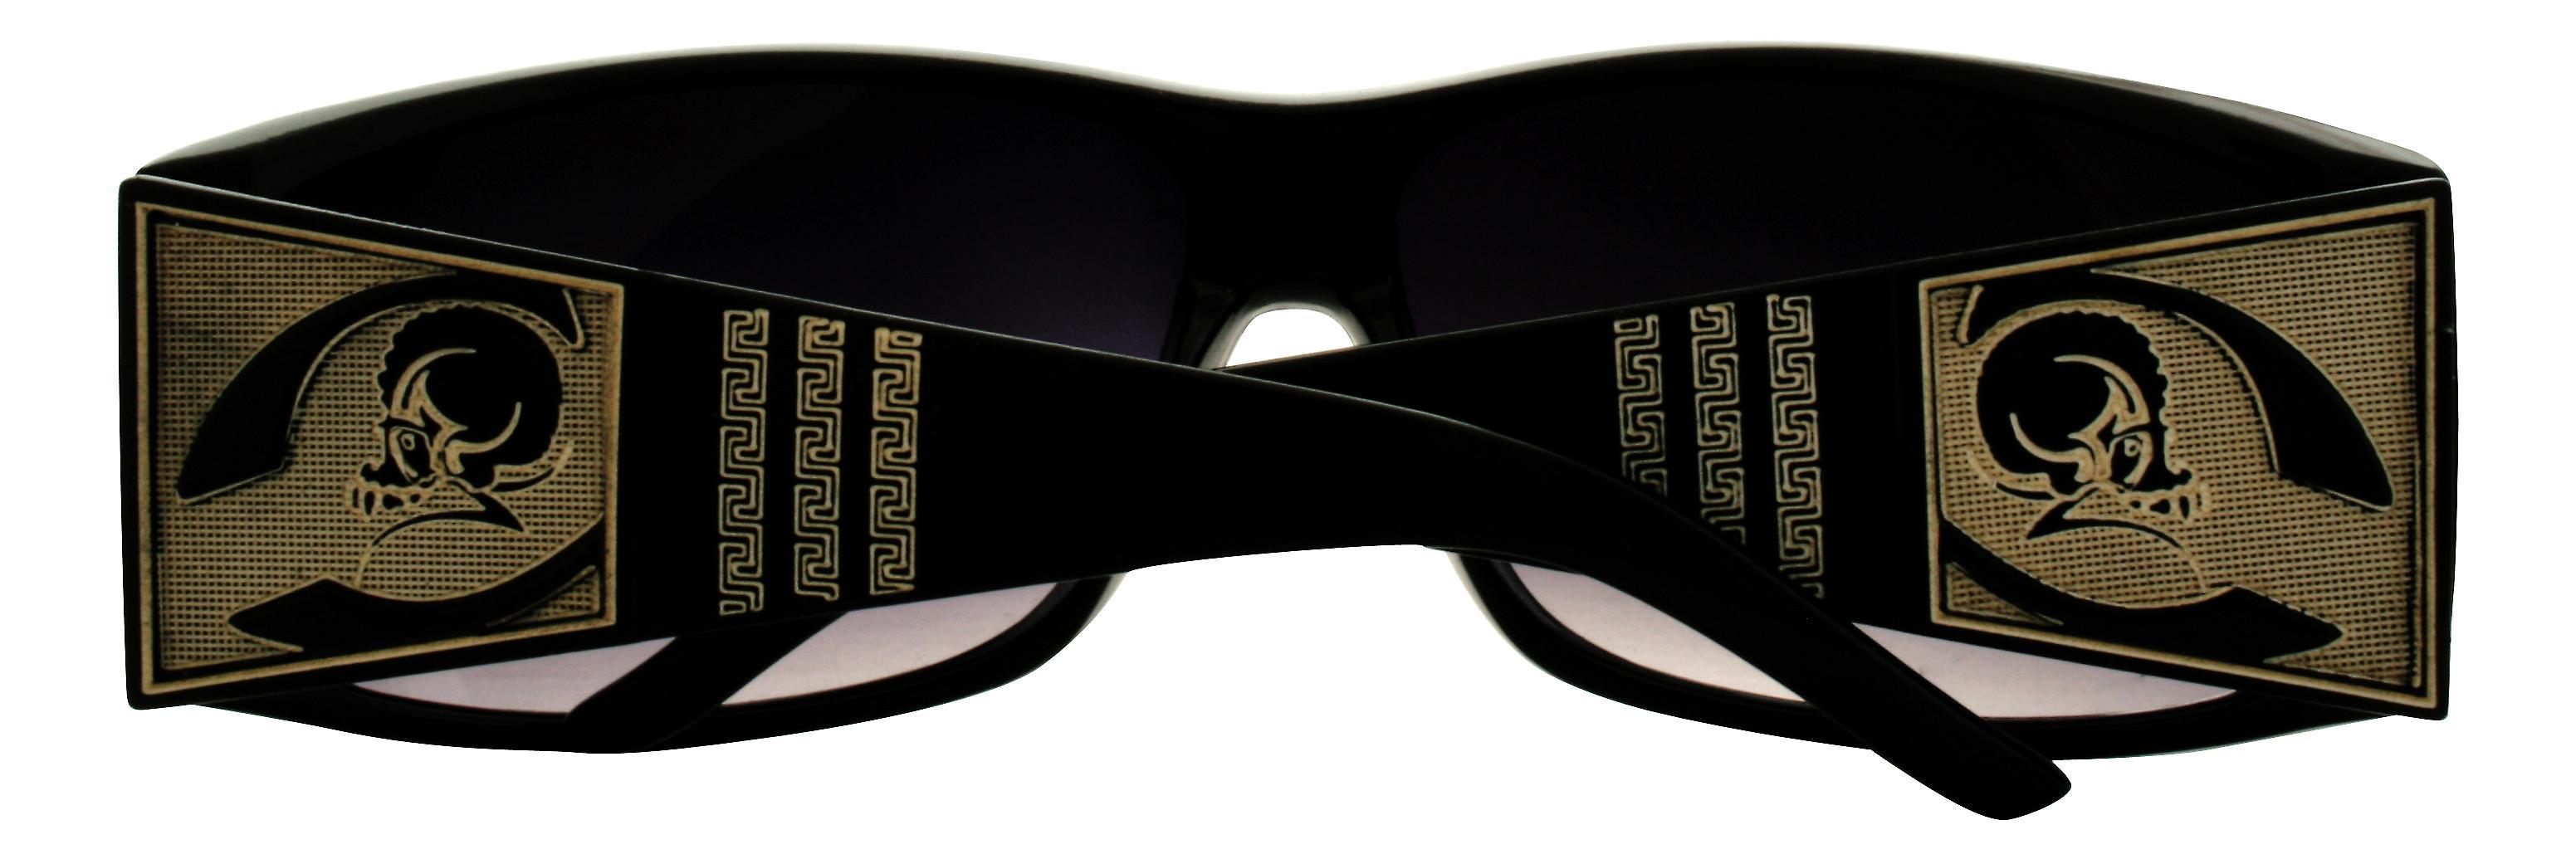 Waooh - occhiali da sole TS834 - modello tribale - categoria 3 - occhiali da sole UV400 protezione